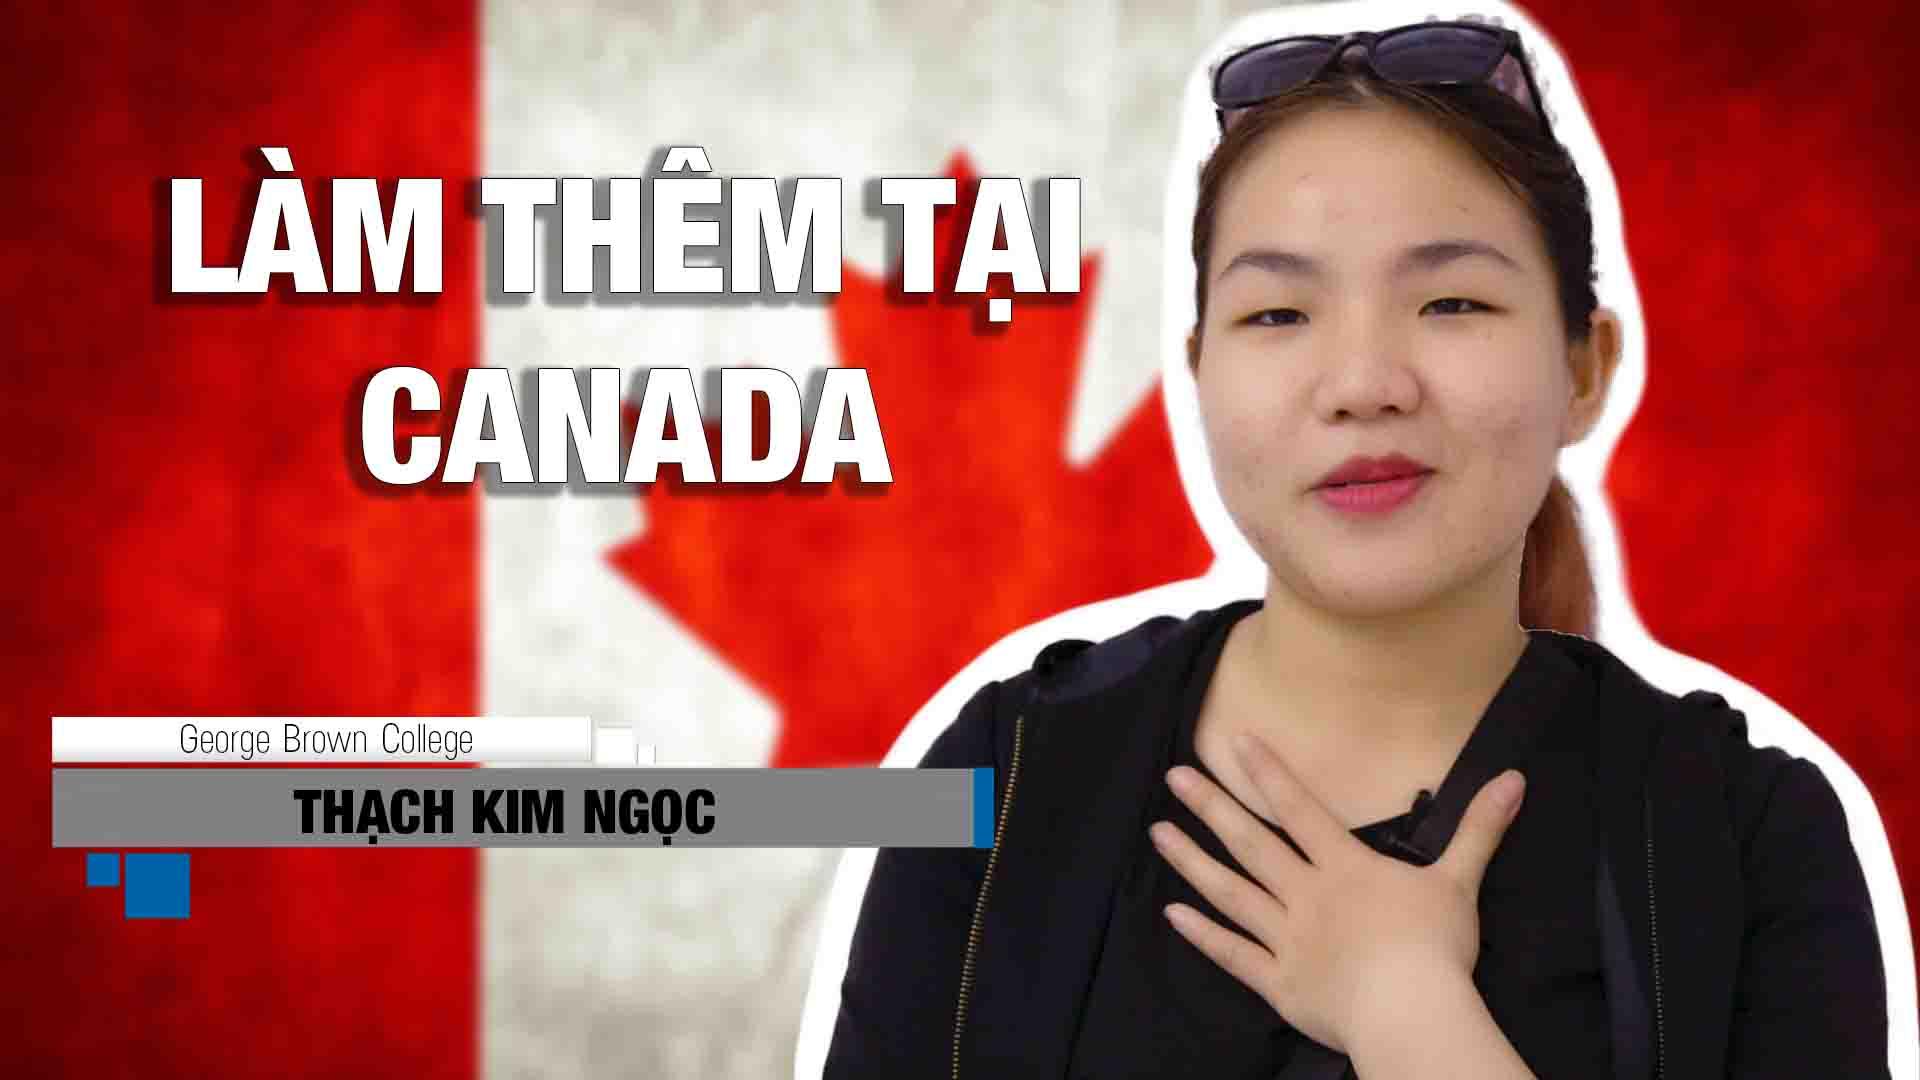 Tất tần tật mọi thứ về đi làm thêm tại Canada, cách xin việc, lương, công việc... Lắng nghe chia sẻ của bạn Thạch Kim Ngọc hiện đang học tại George Brown College, Canada đấy!